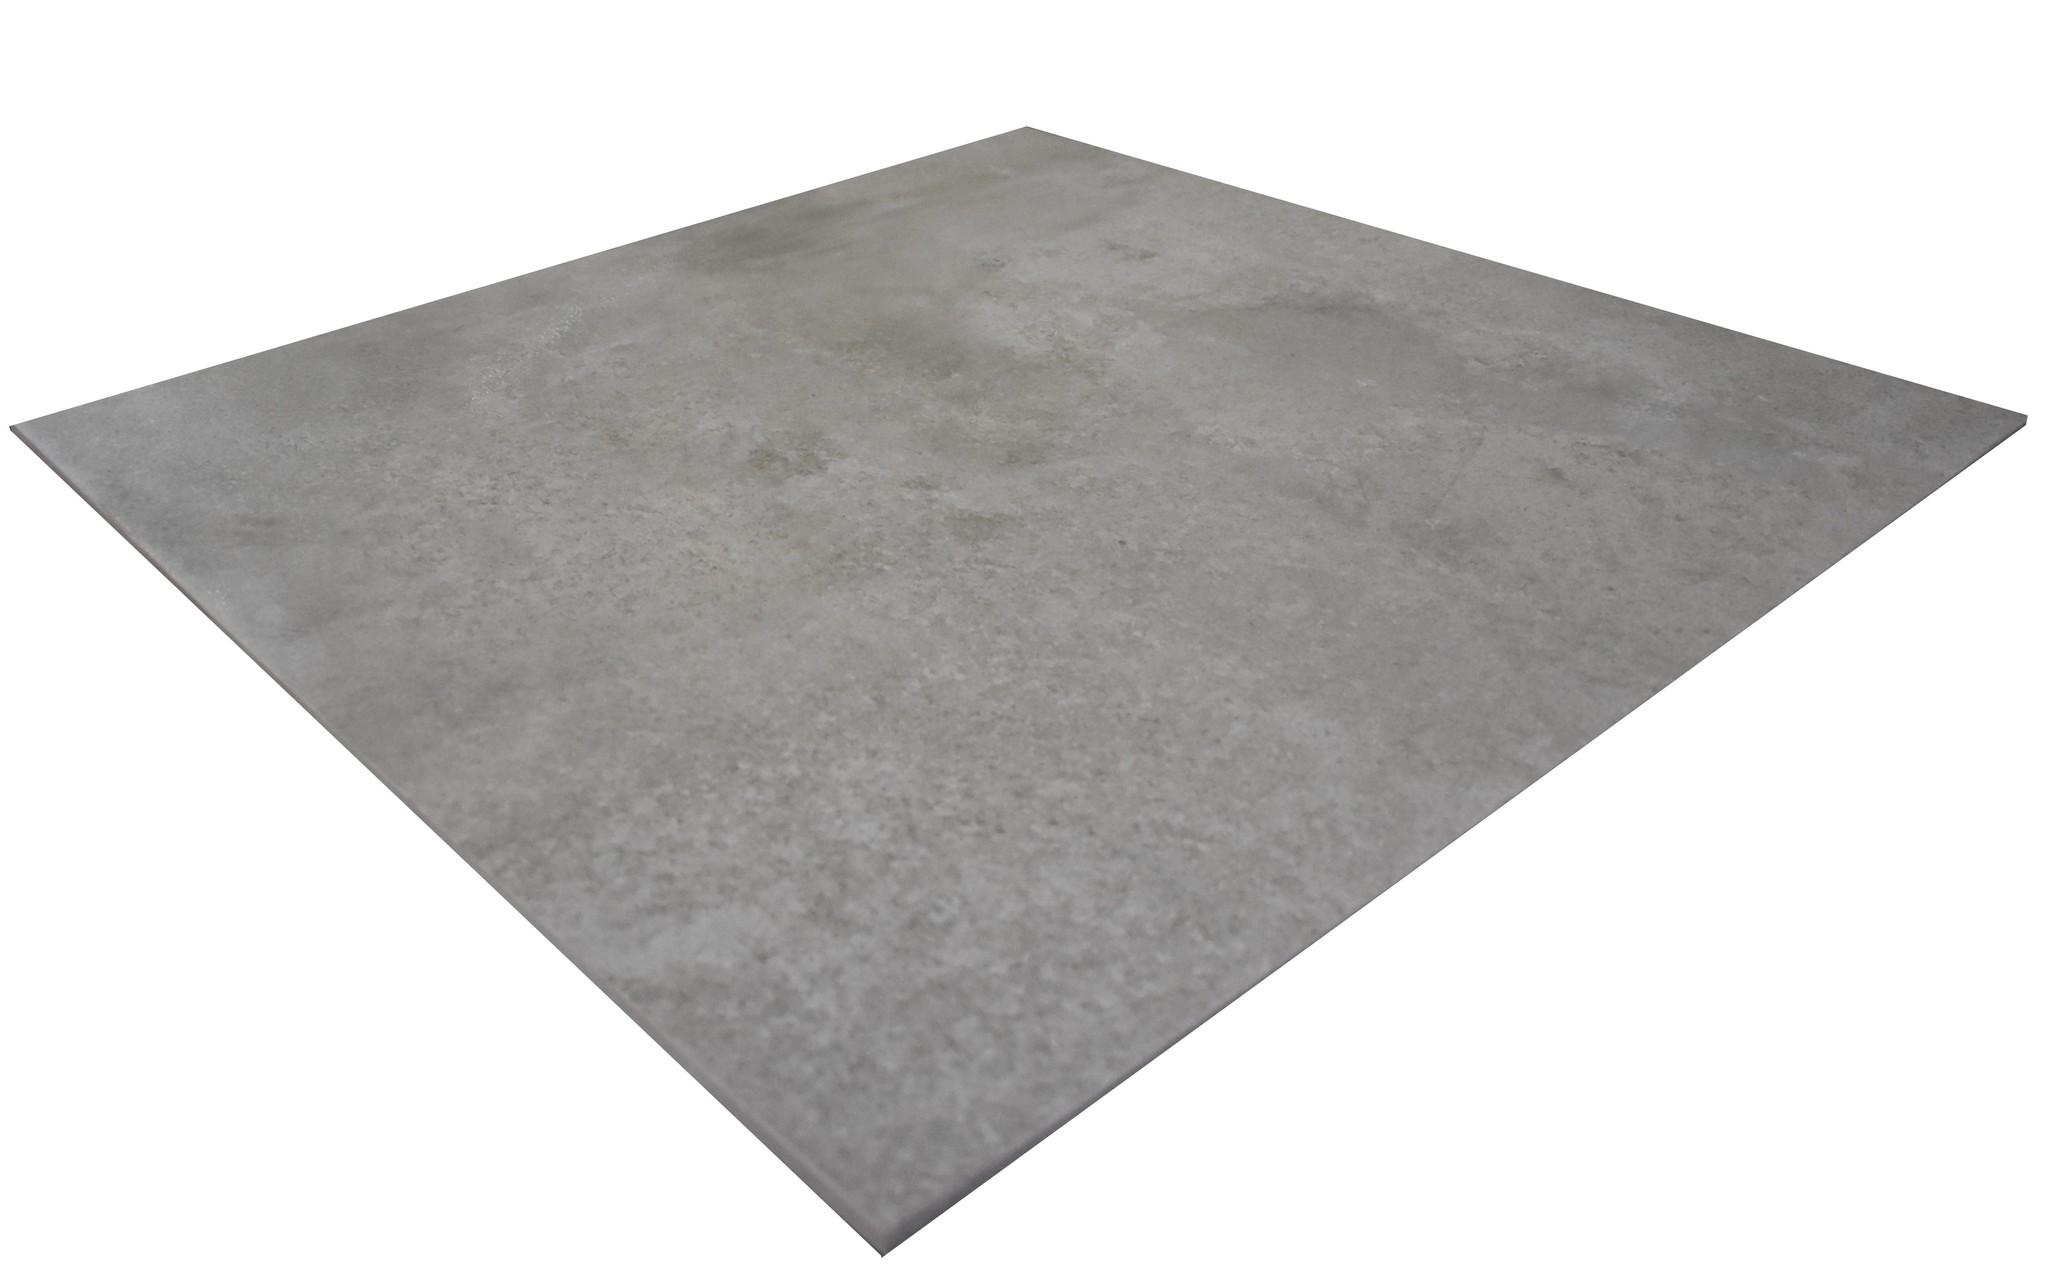 Floor Tiles Metallique Perla